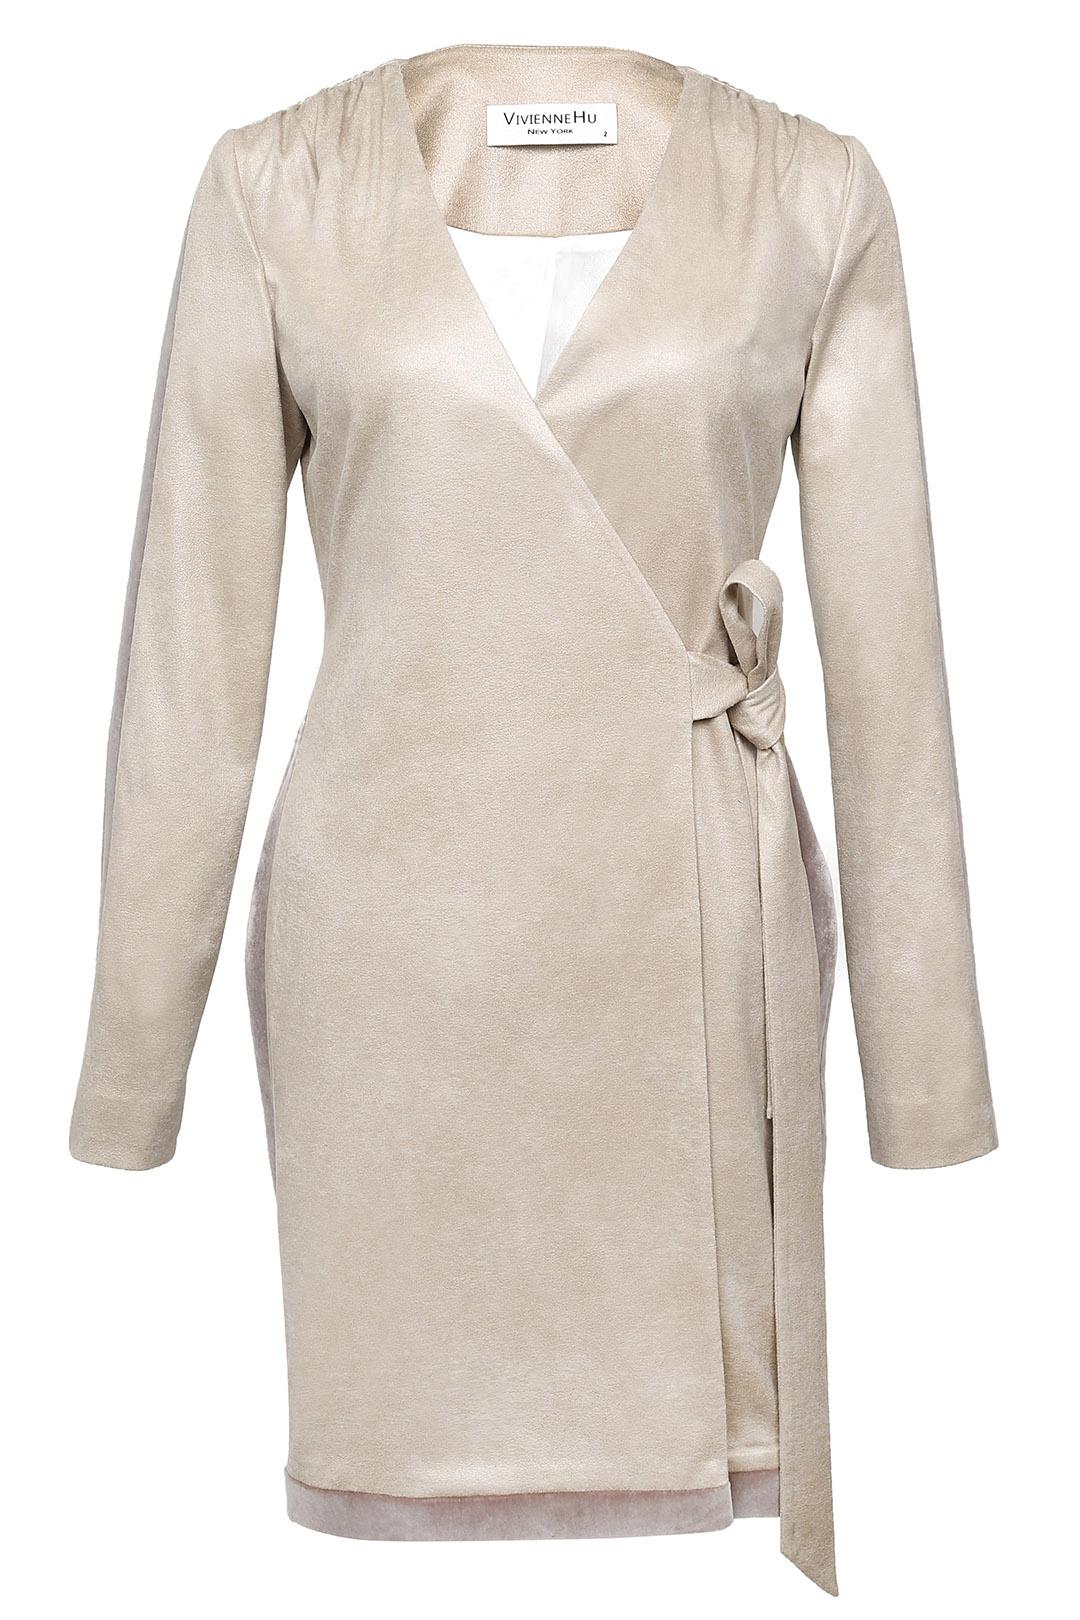 Velvet Trimmed Suede Dress